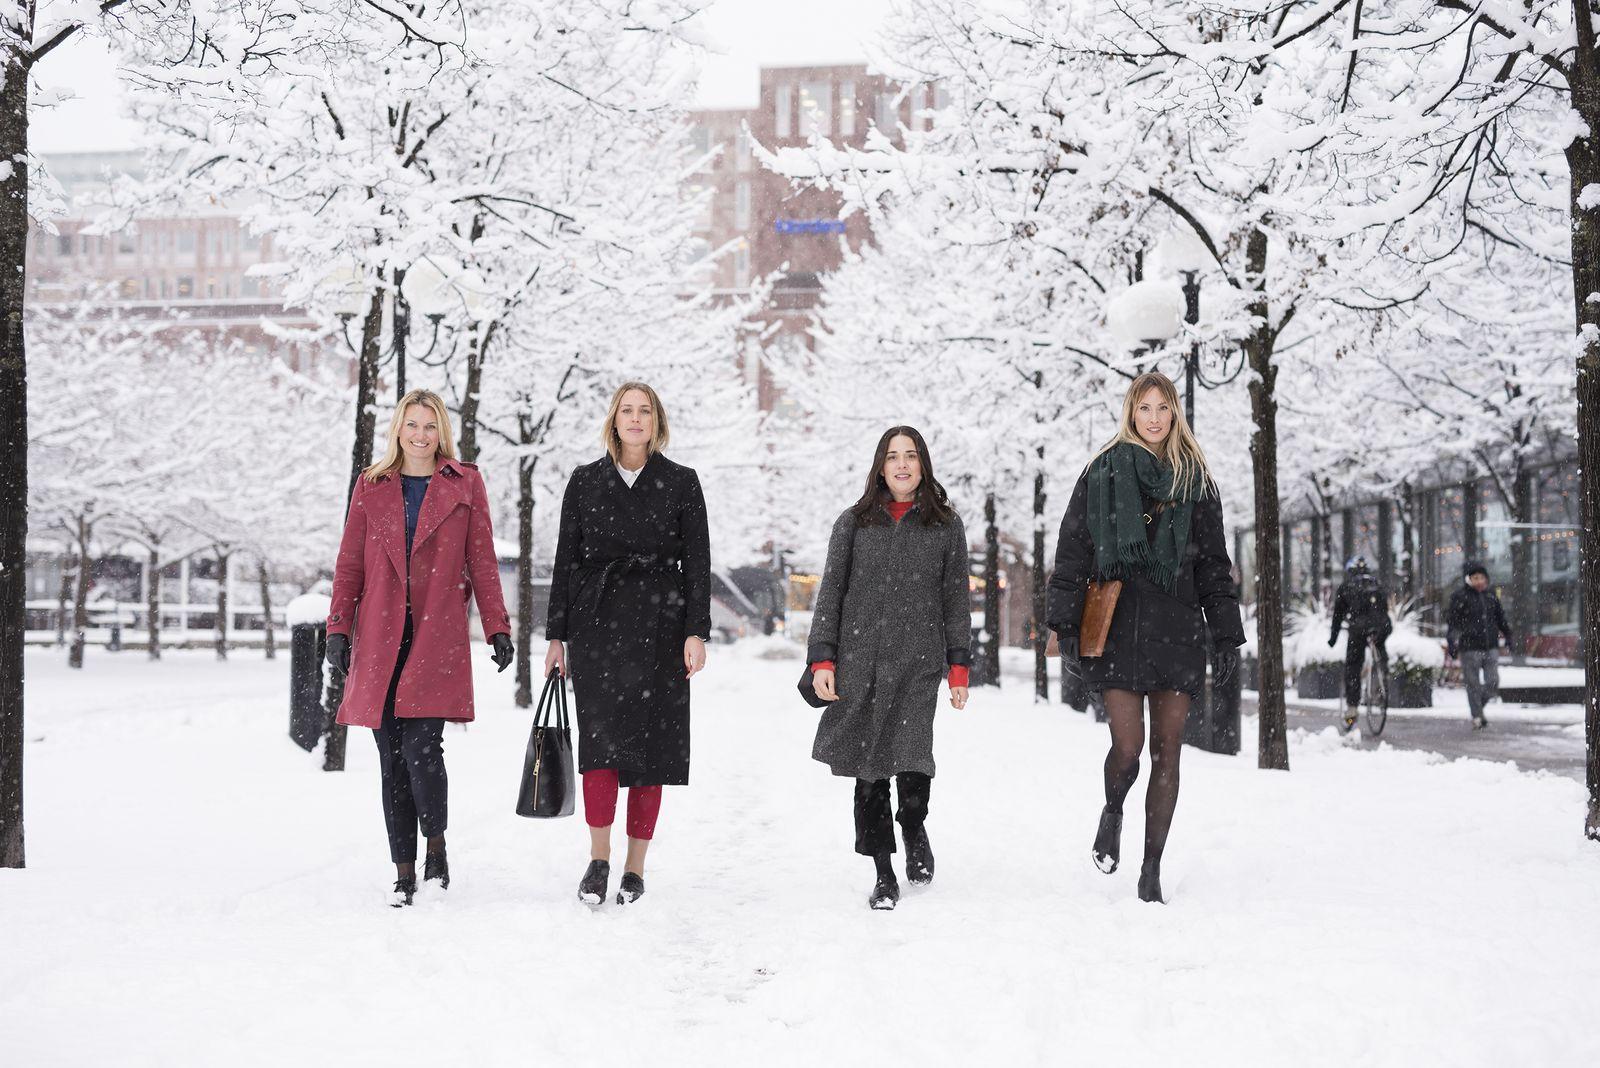 EINMALIGE VERWENDUNG SPIEGEL Plus SPIEGEL 49/2017 S.130 Schweden Feminismus